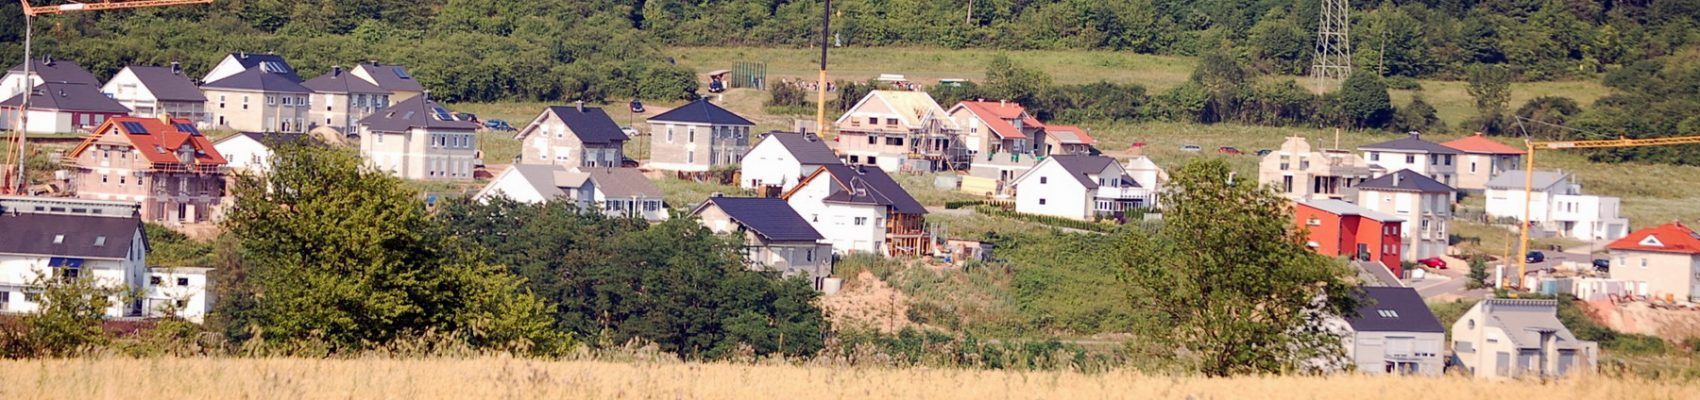 Baugebiet_Gipsberg